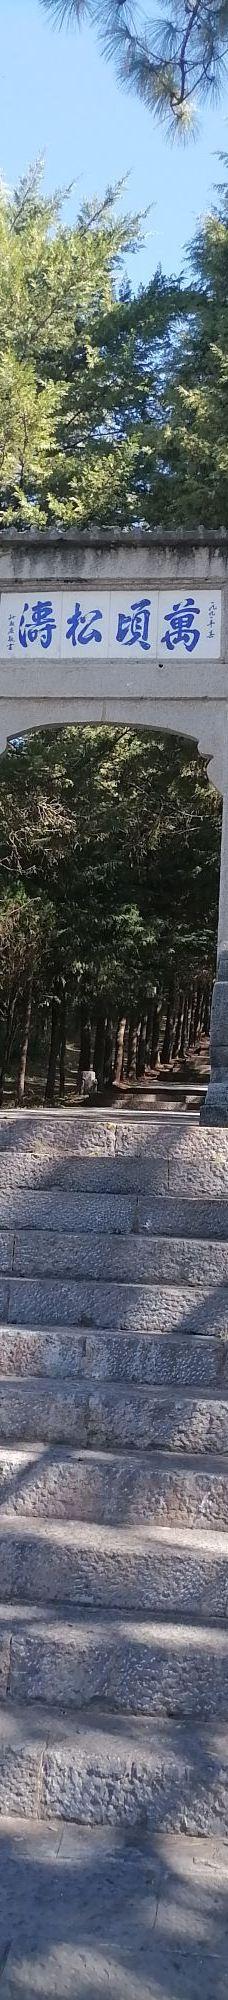 巍宝山-巍山